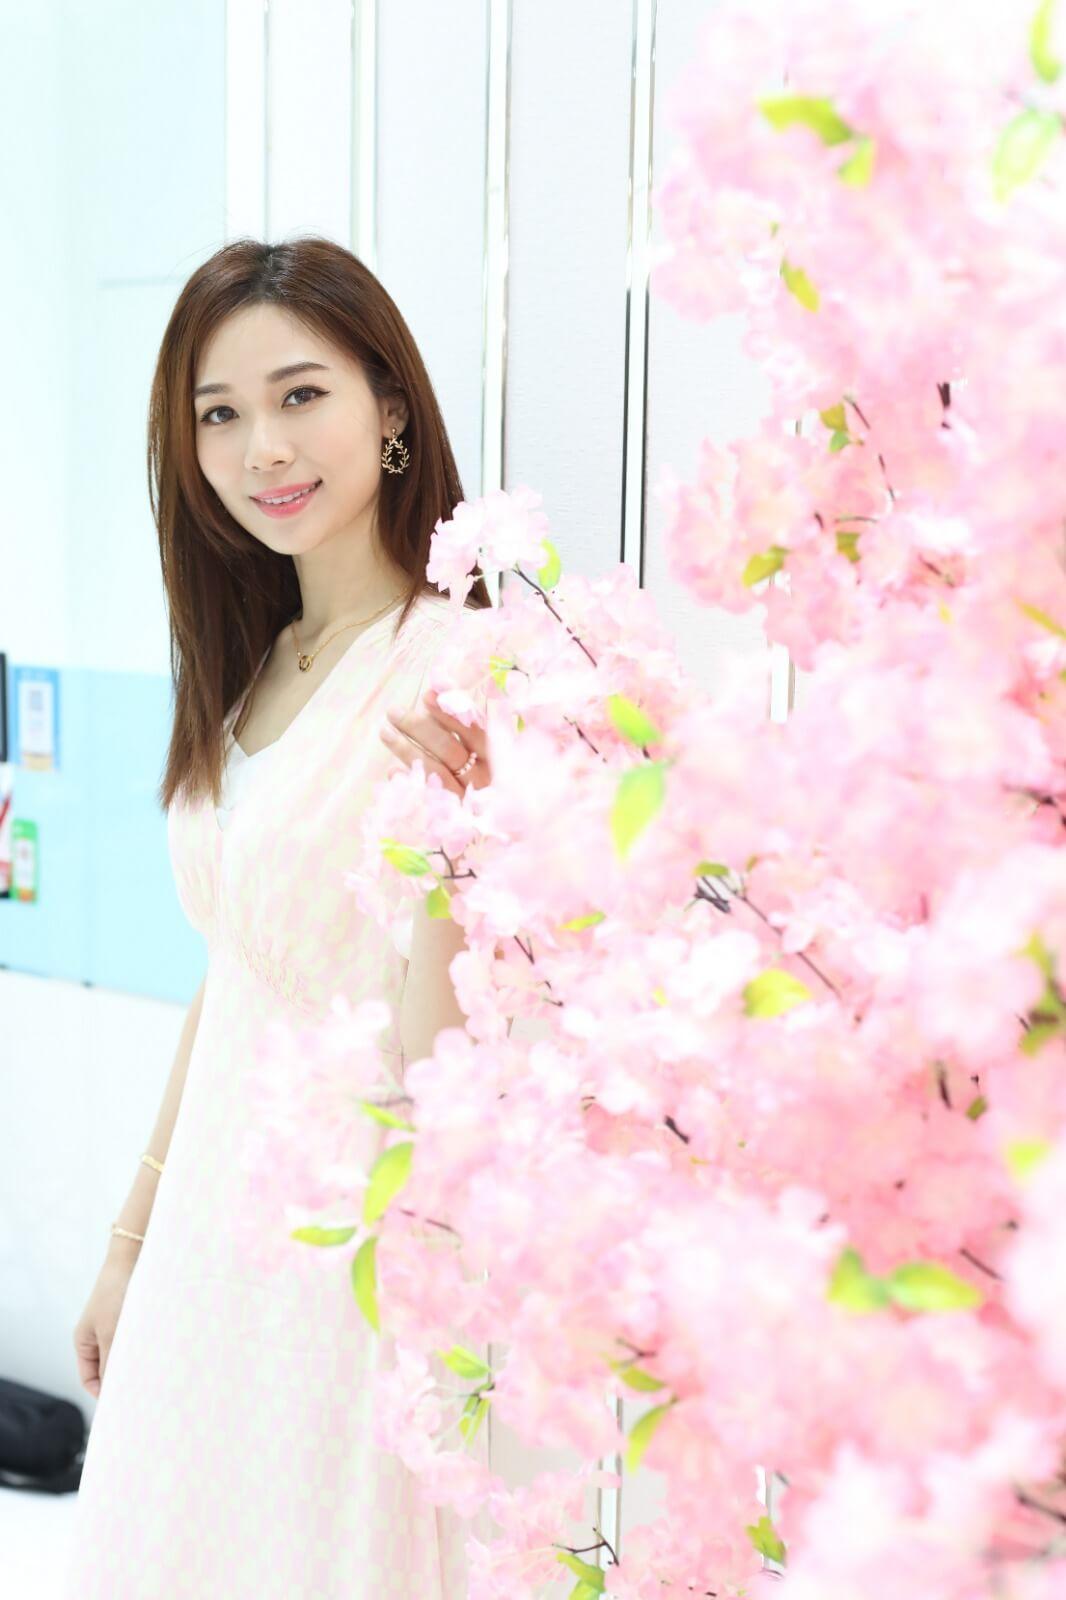 楊秀惠自去年結婚及生B後,已專心照顧家庭及美容生意。